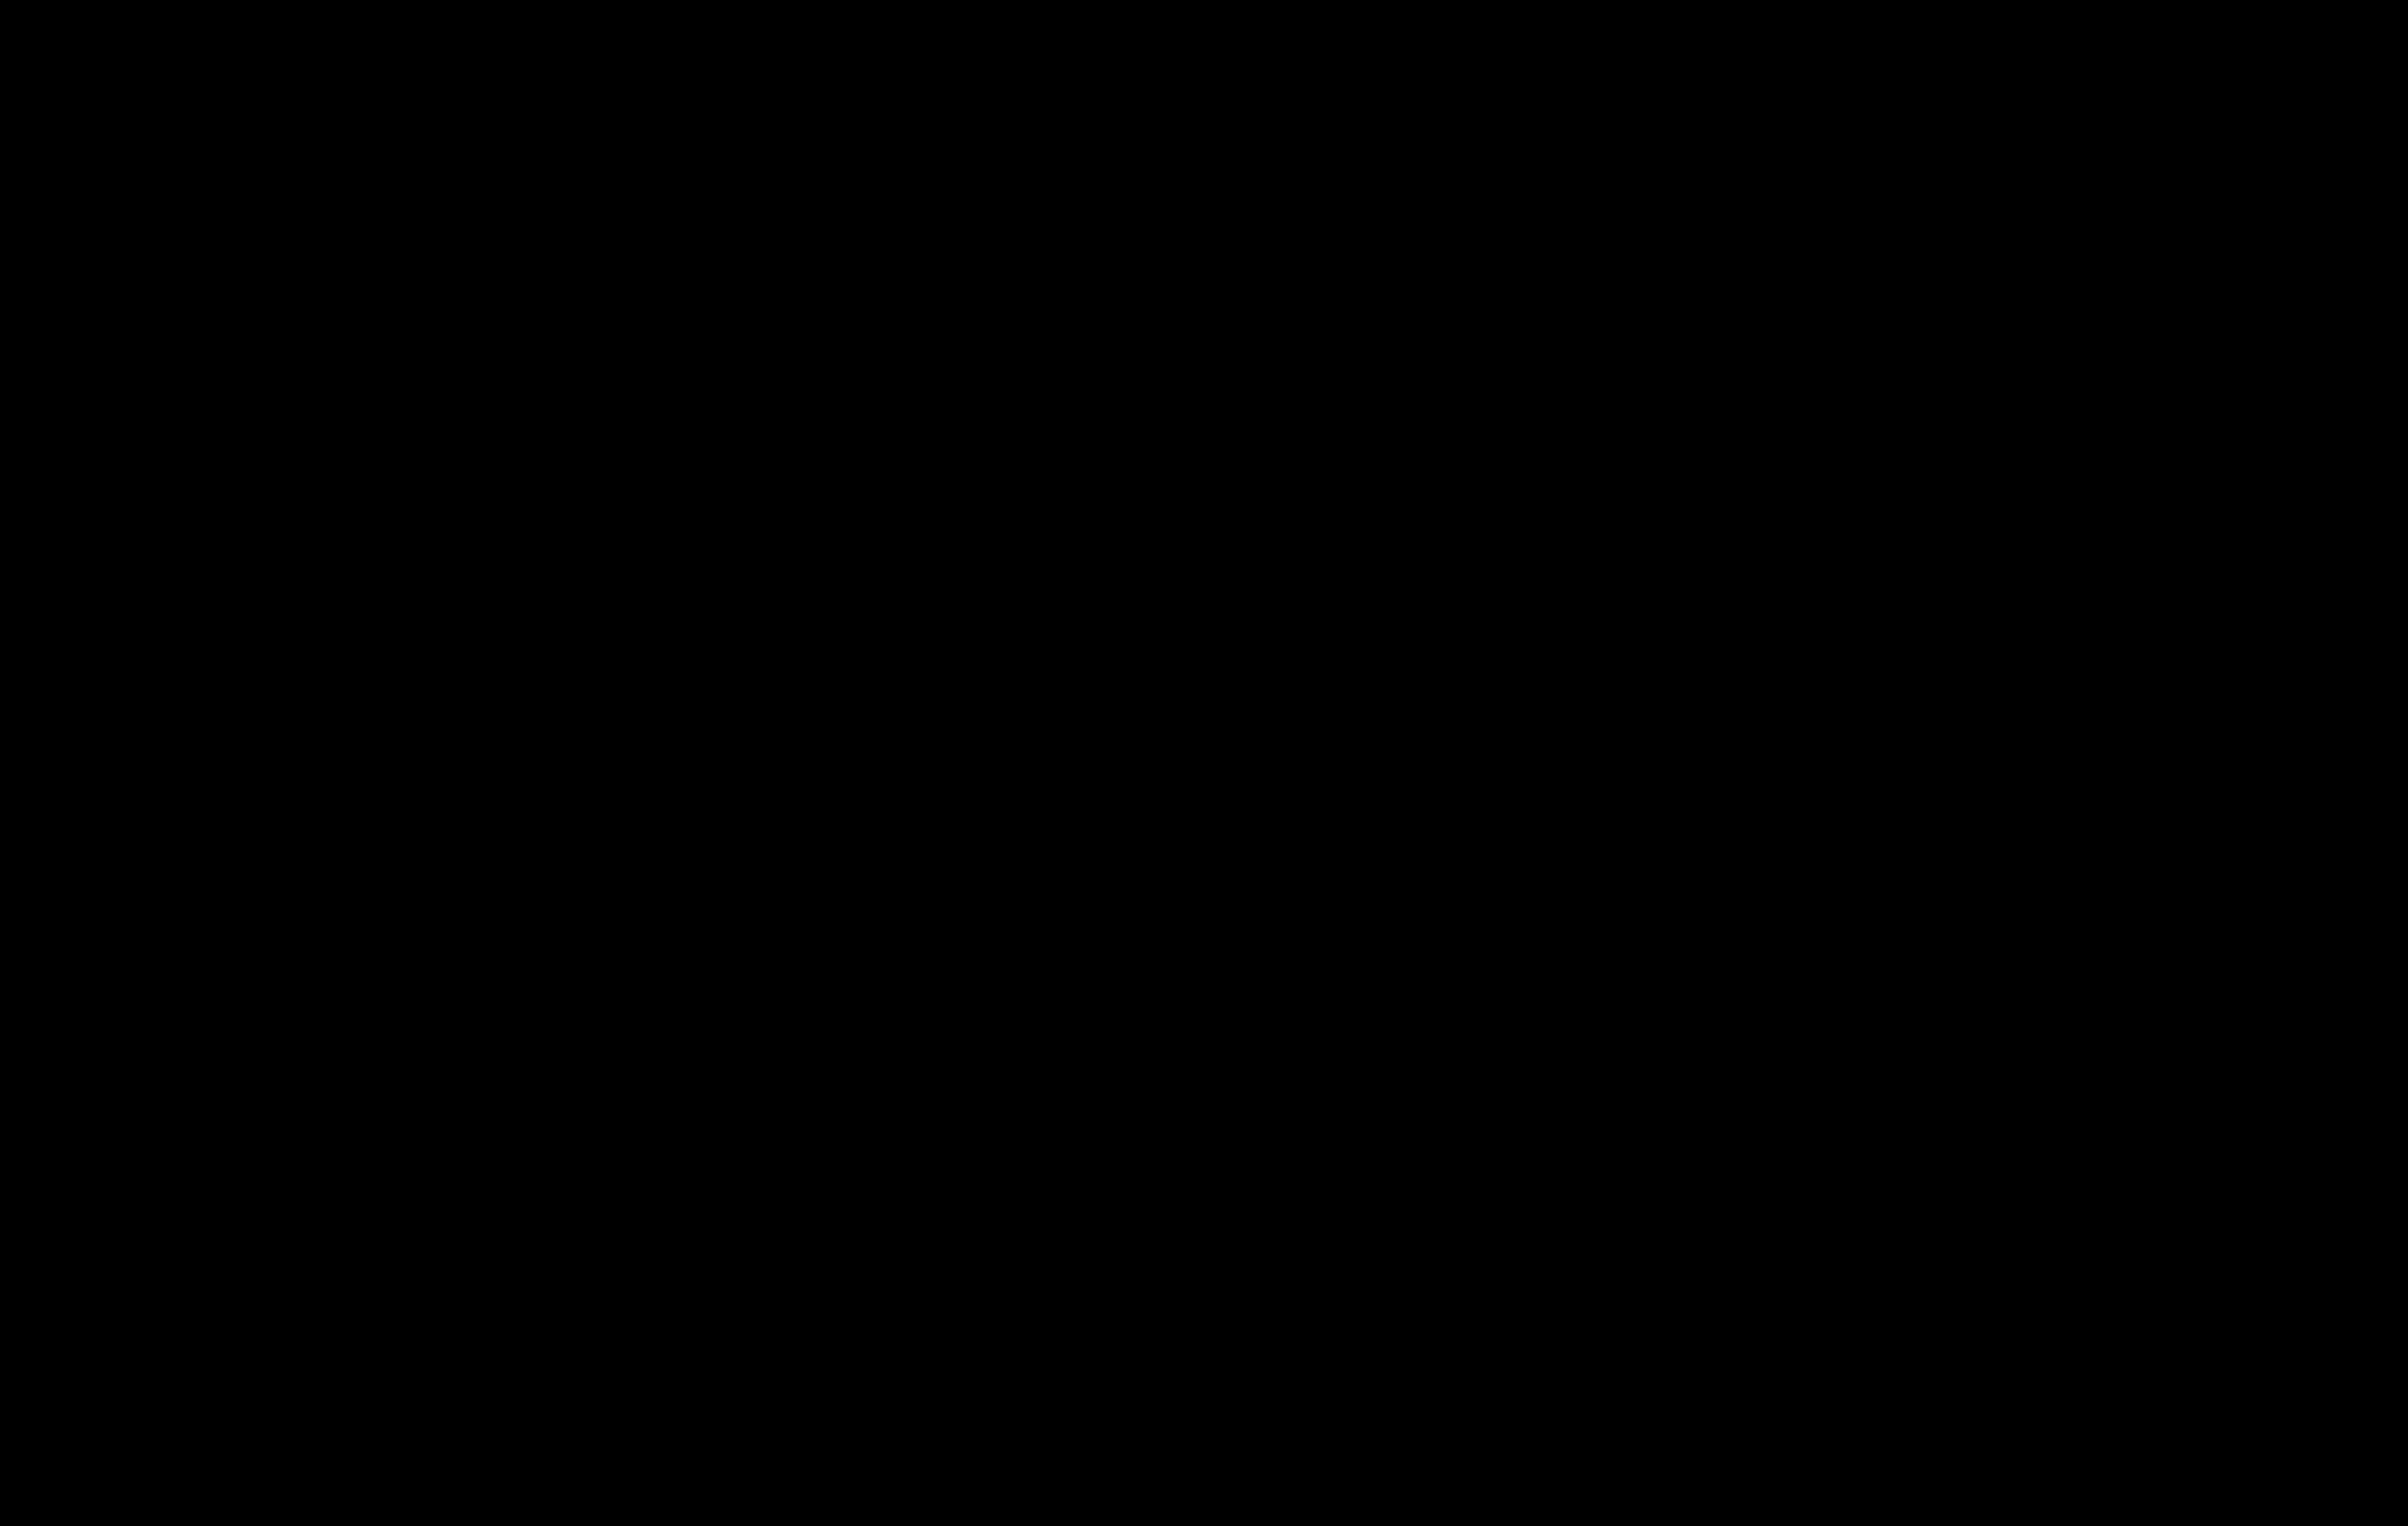 Visma Business ERP